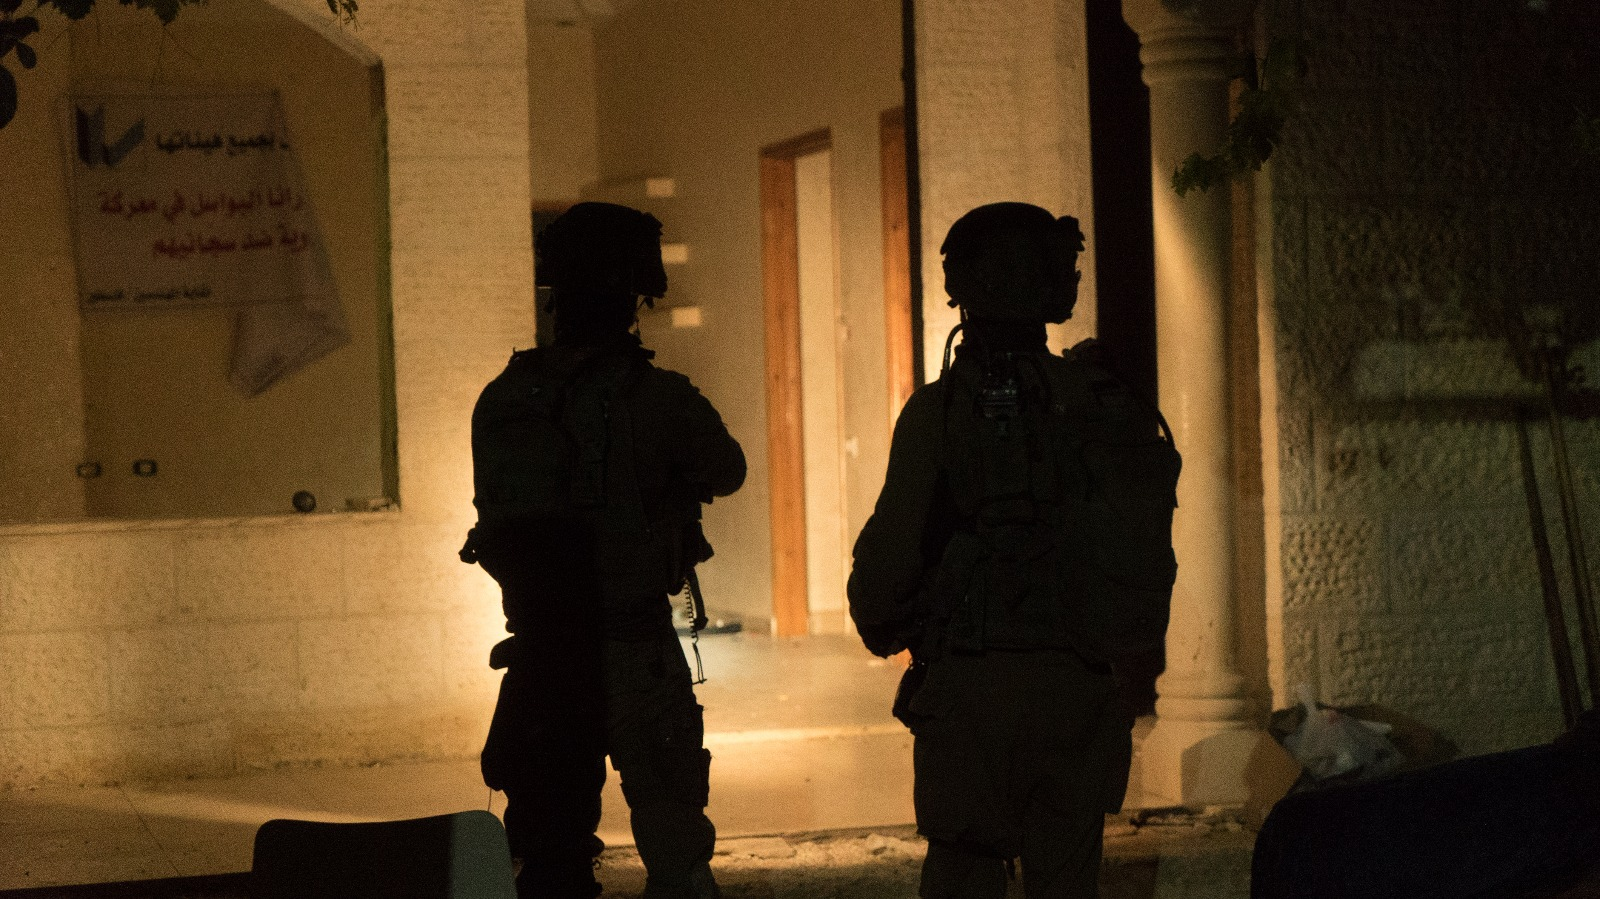 הותר לפרסום: למרות הפציעה האנושה - המחבלים נעצרו